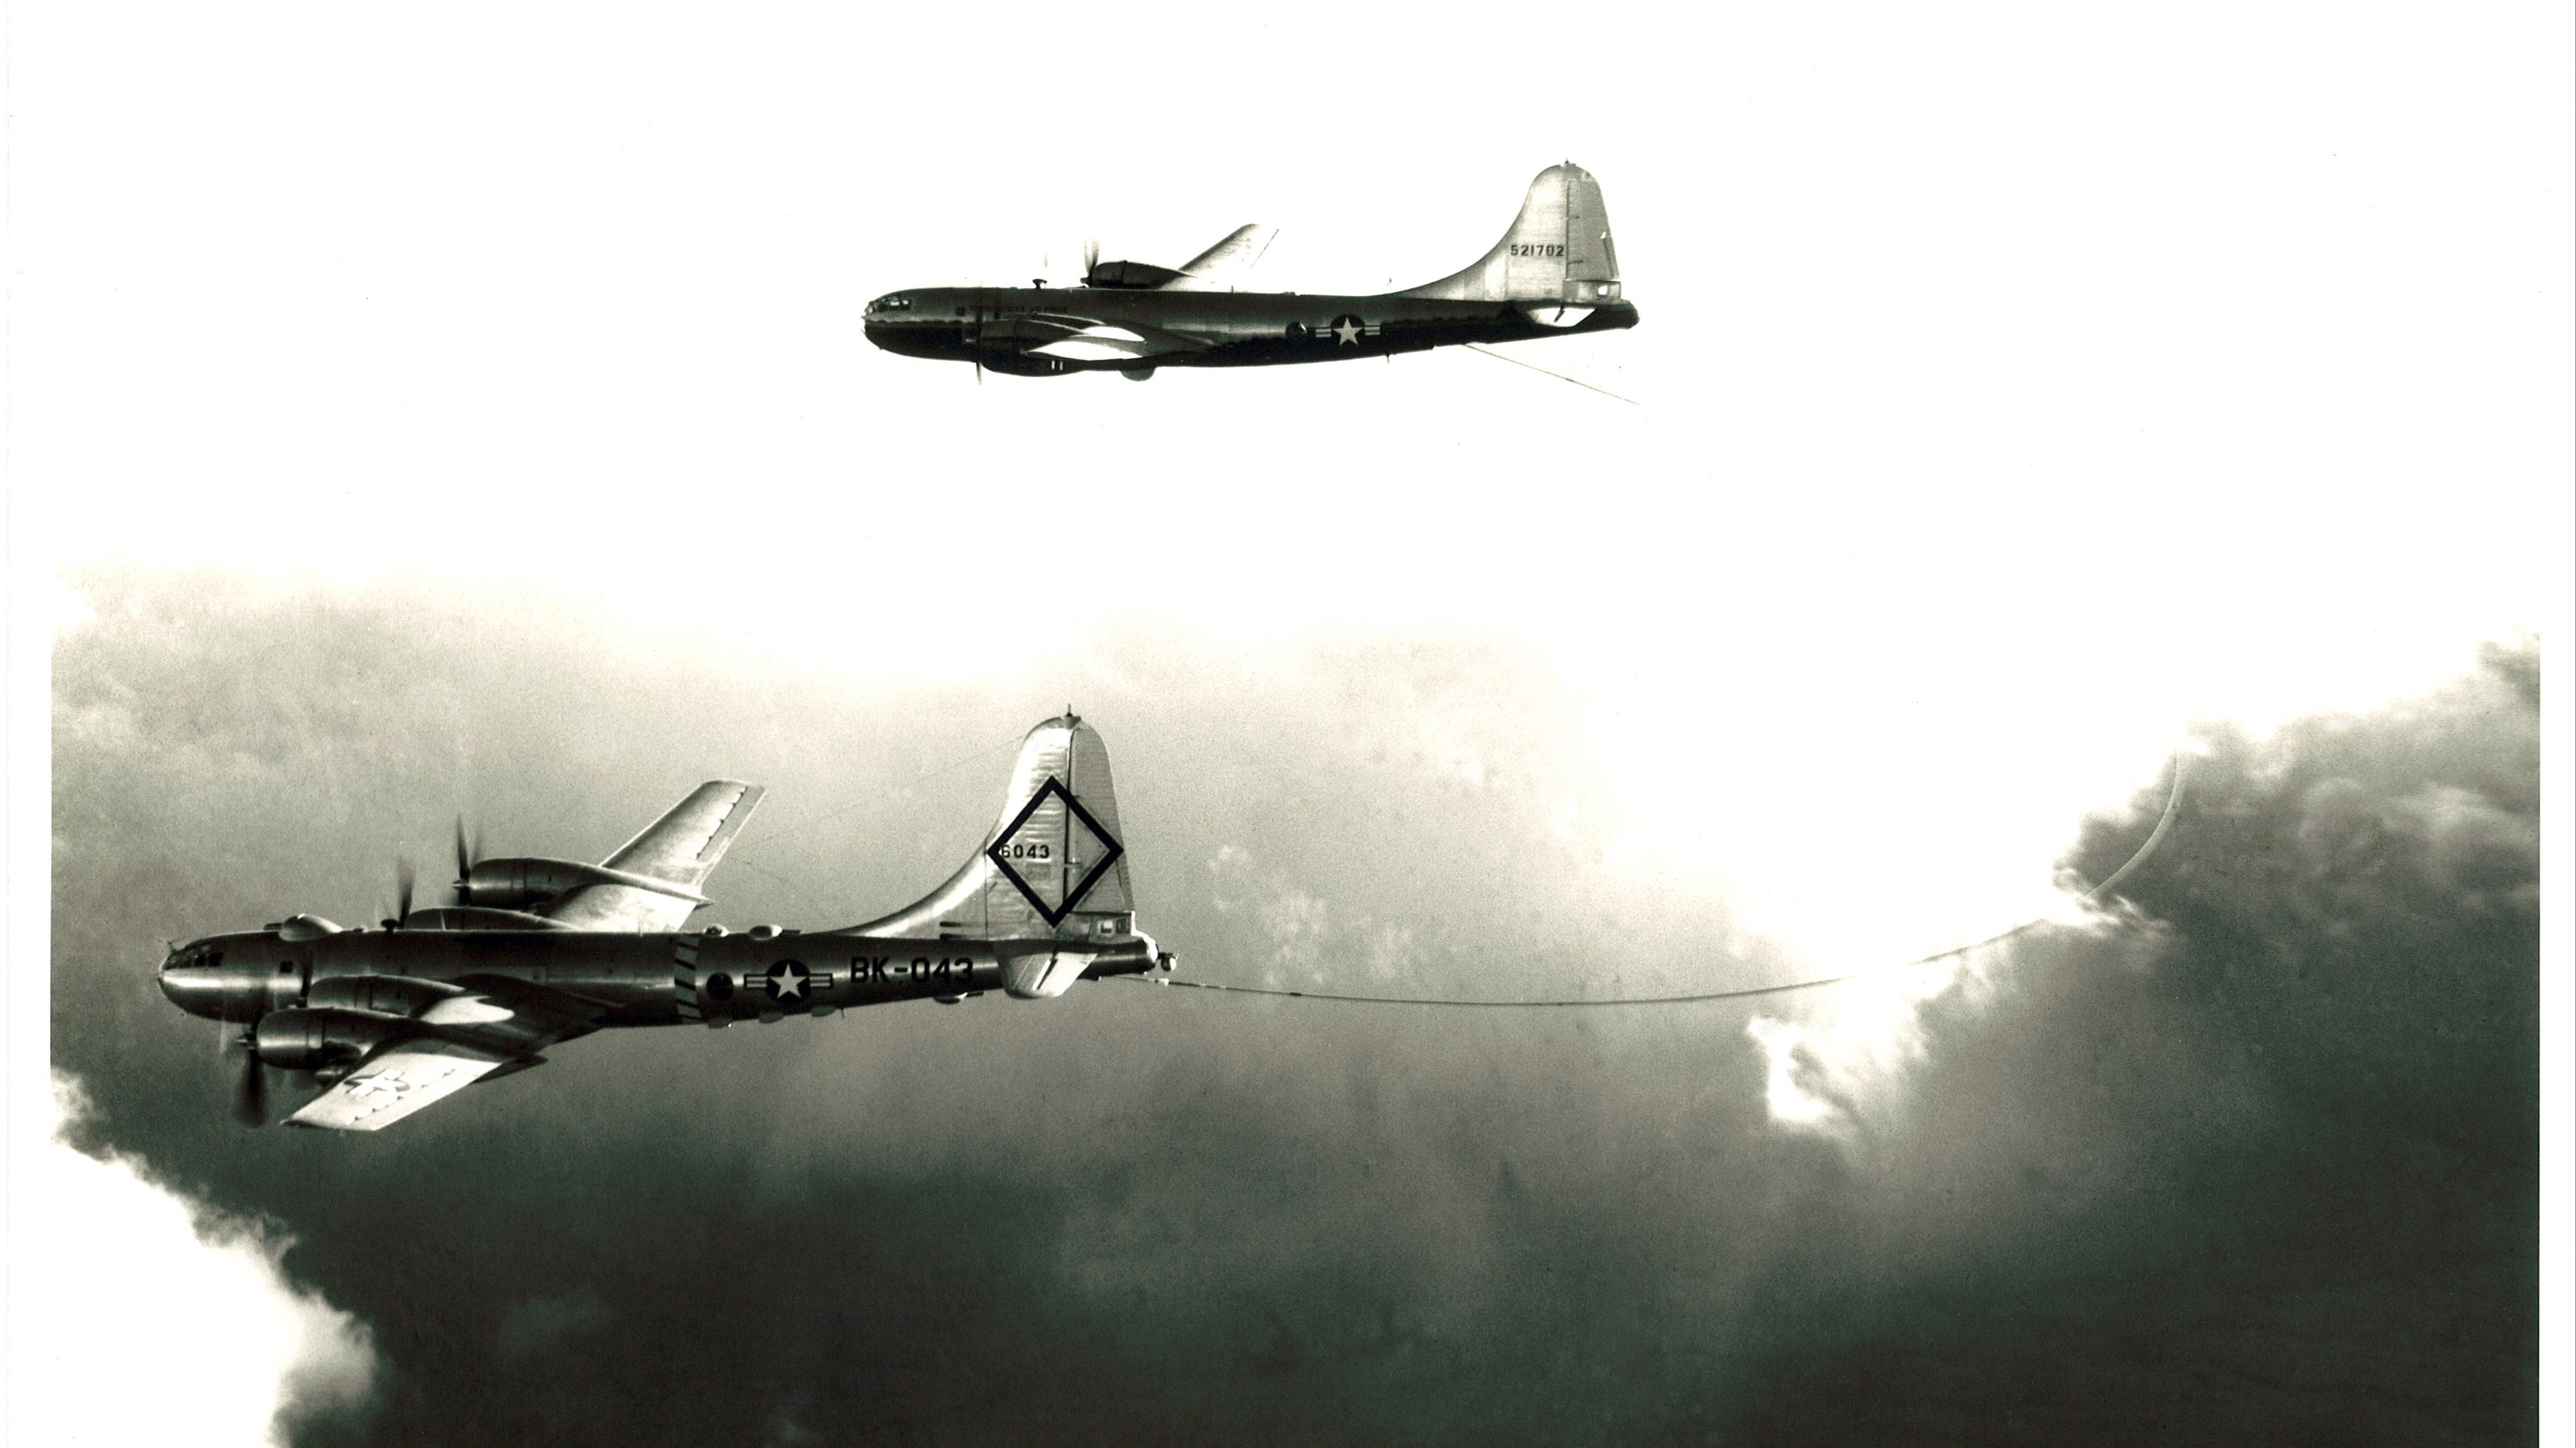 DM Aerial Refueling